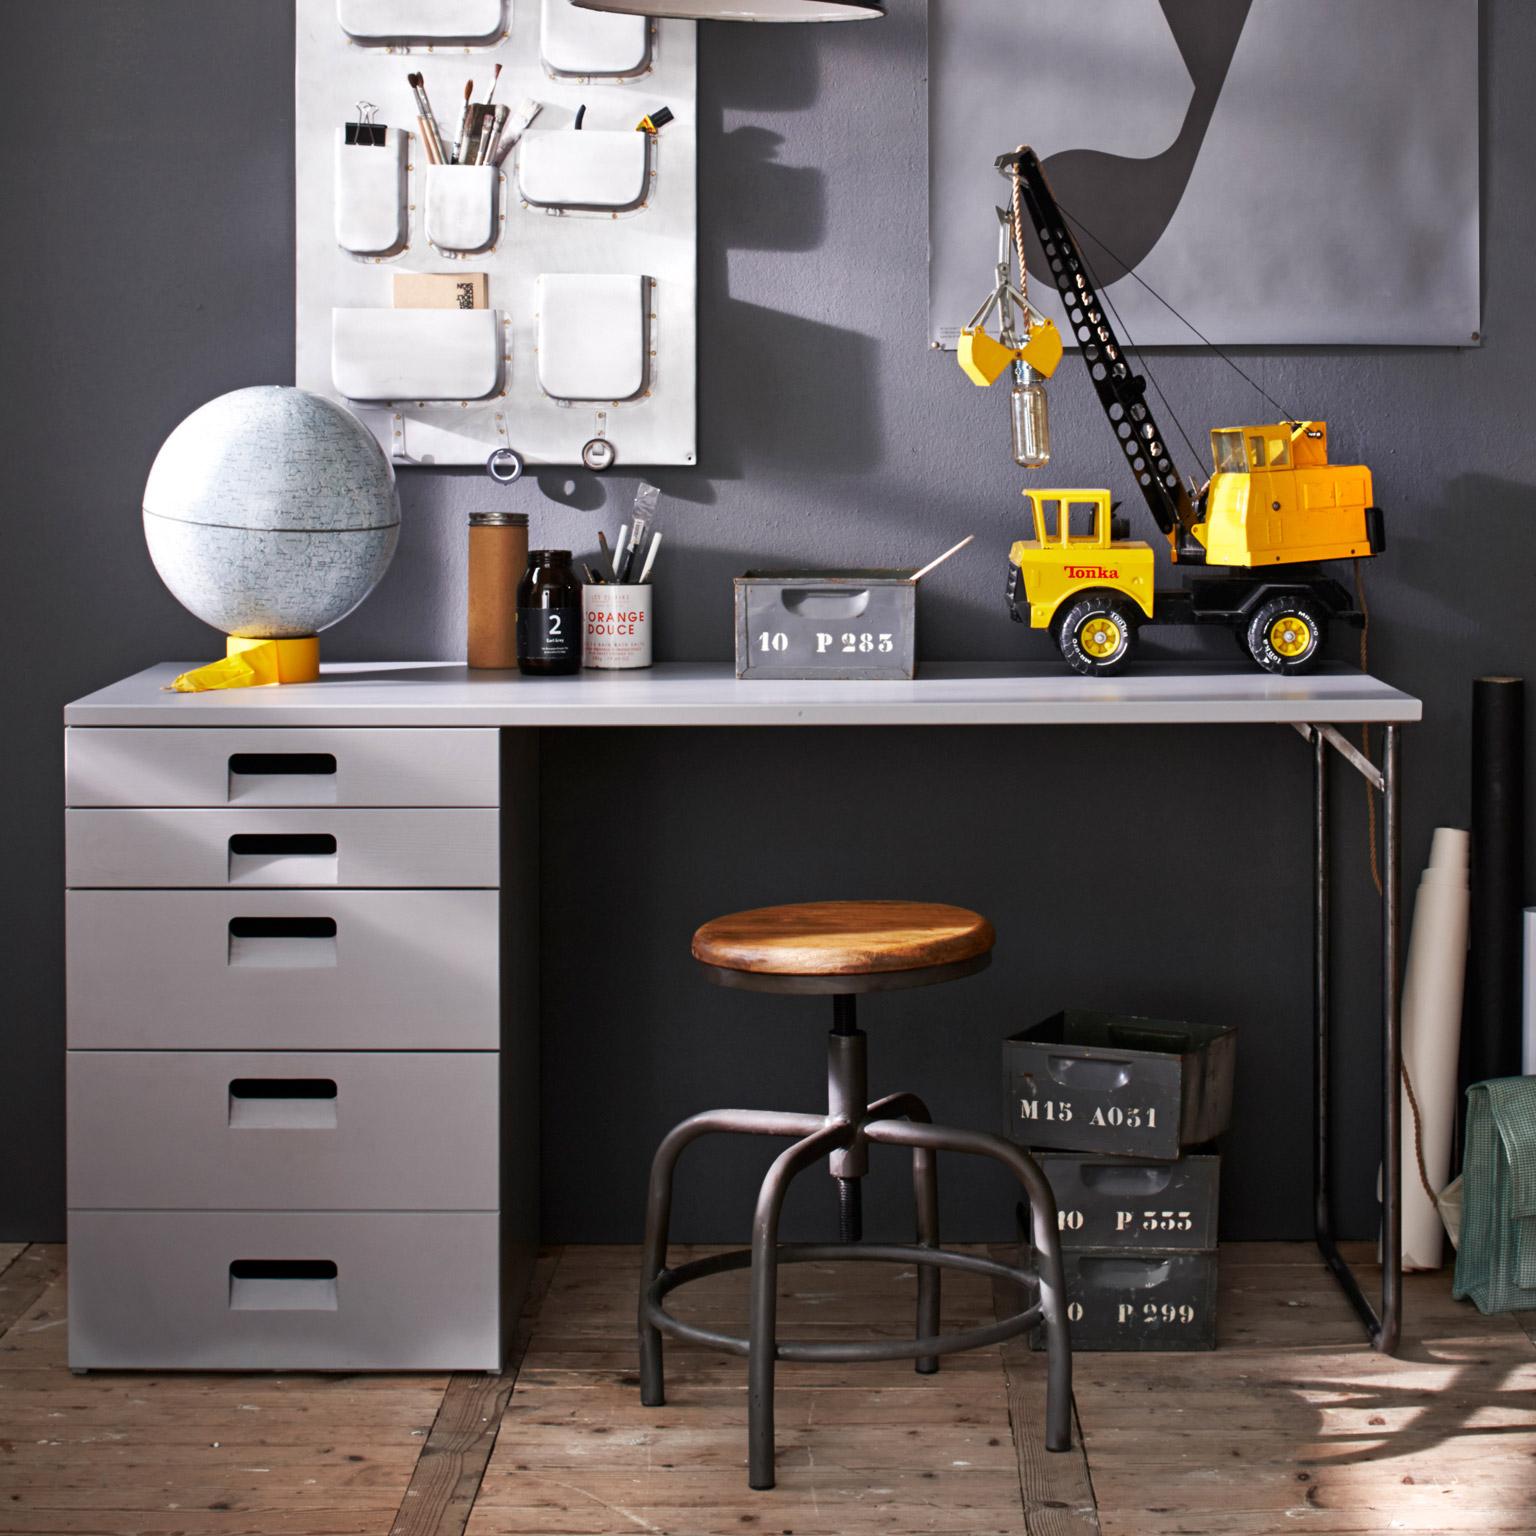 vtwonen Bureau 'Store', kleur Betongrijs met voordeel snel in huis via Meubel Partner